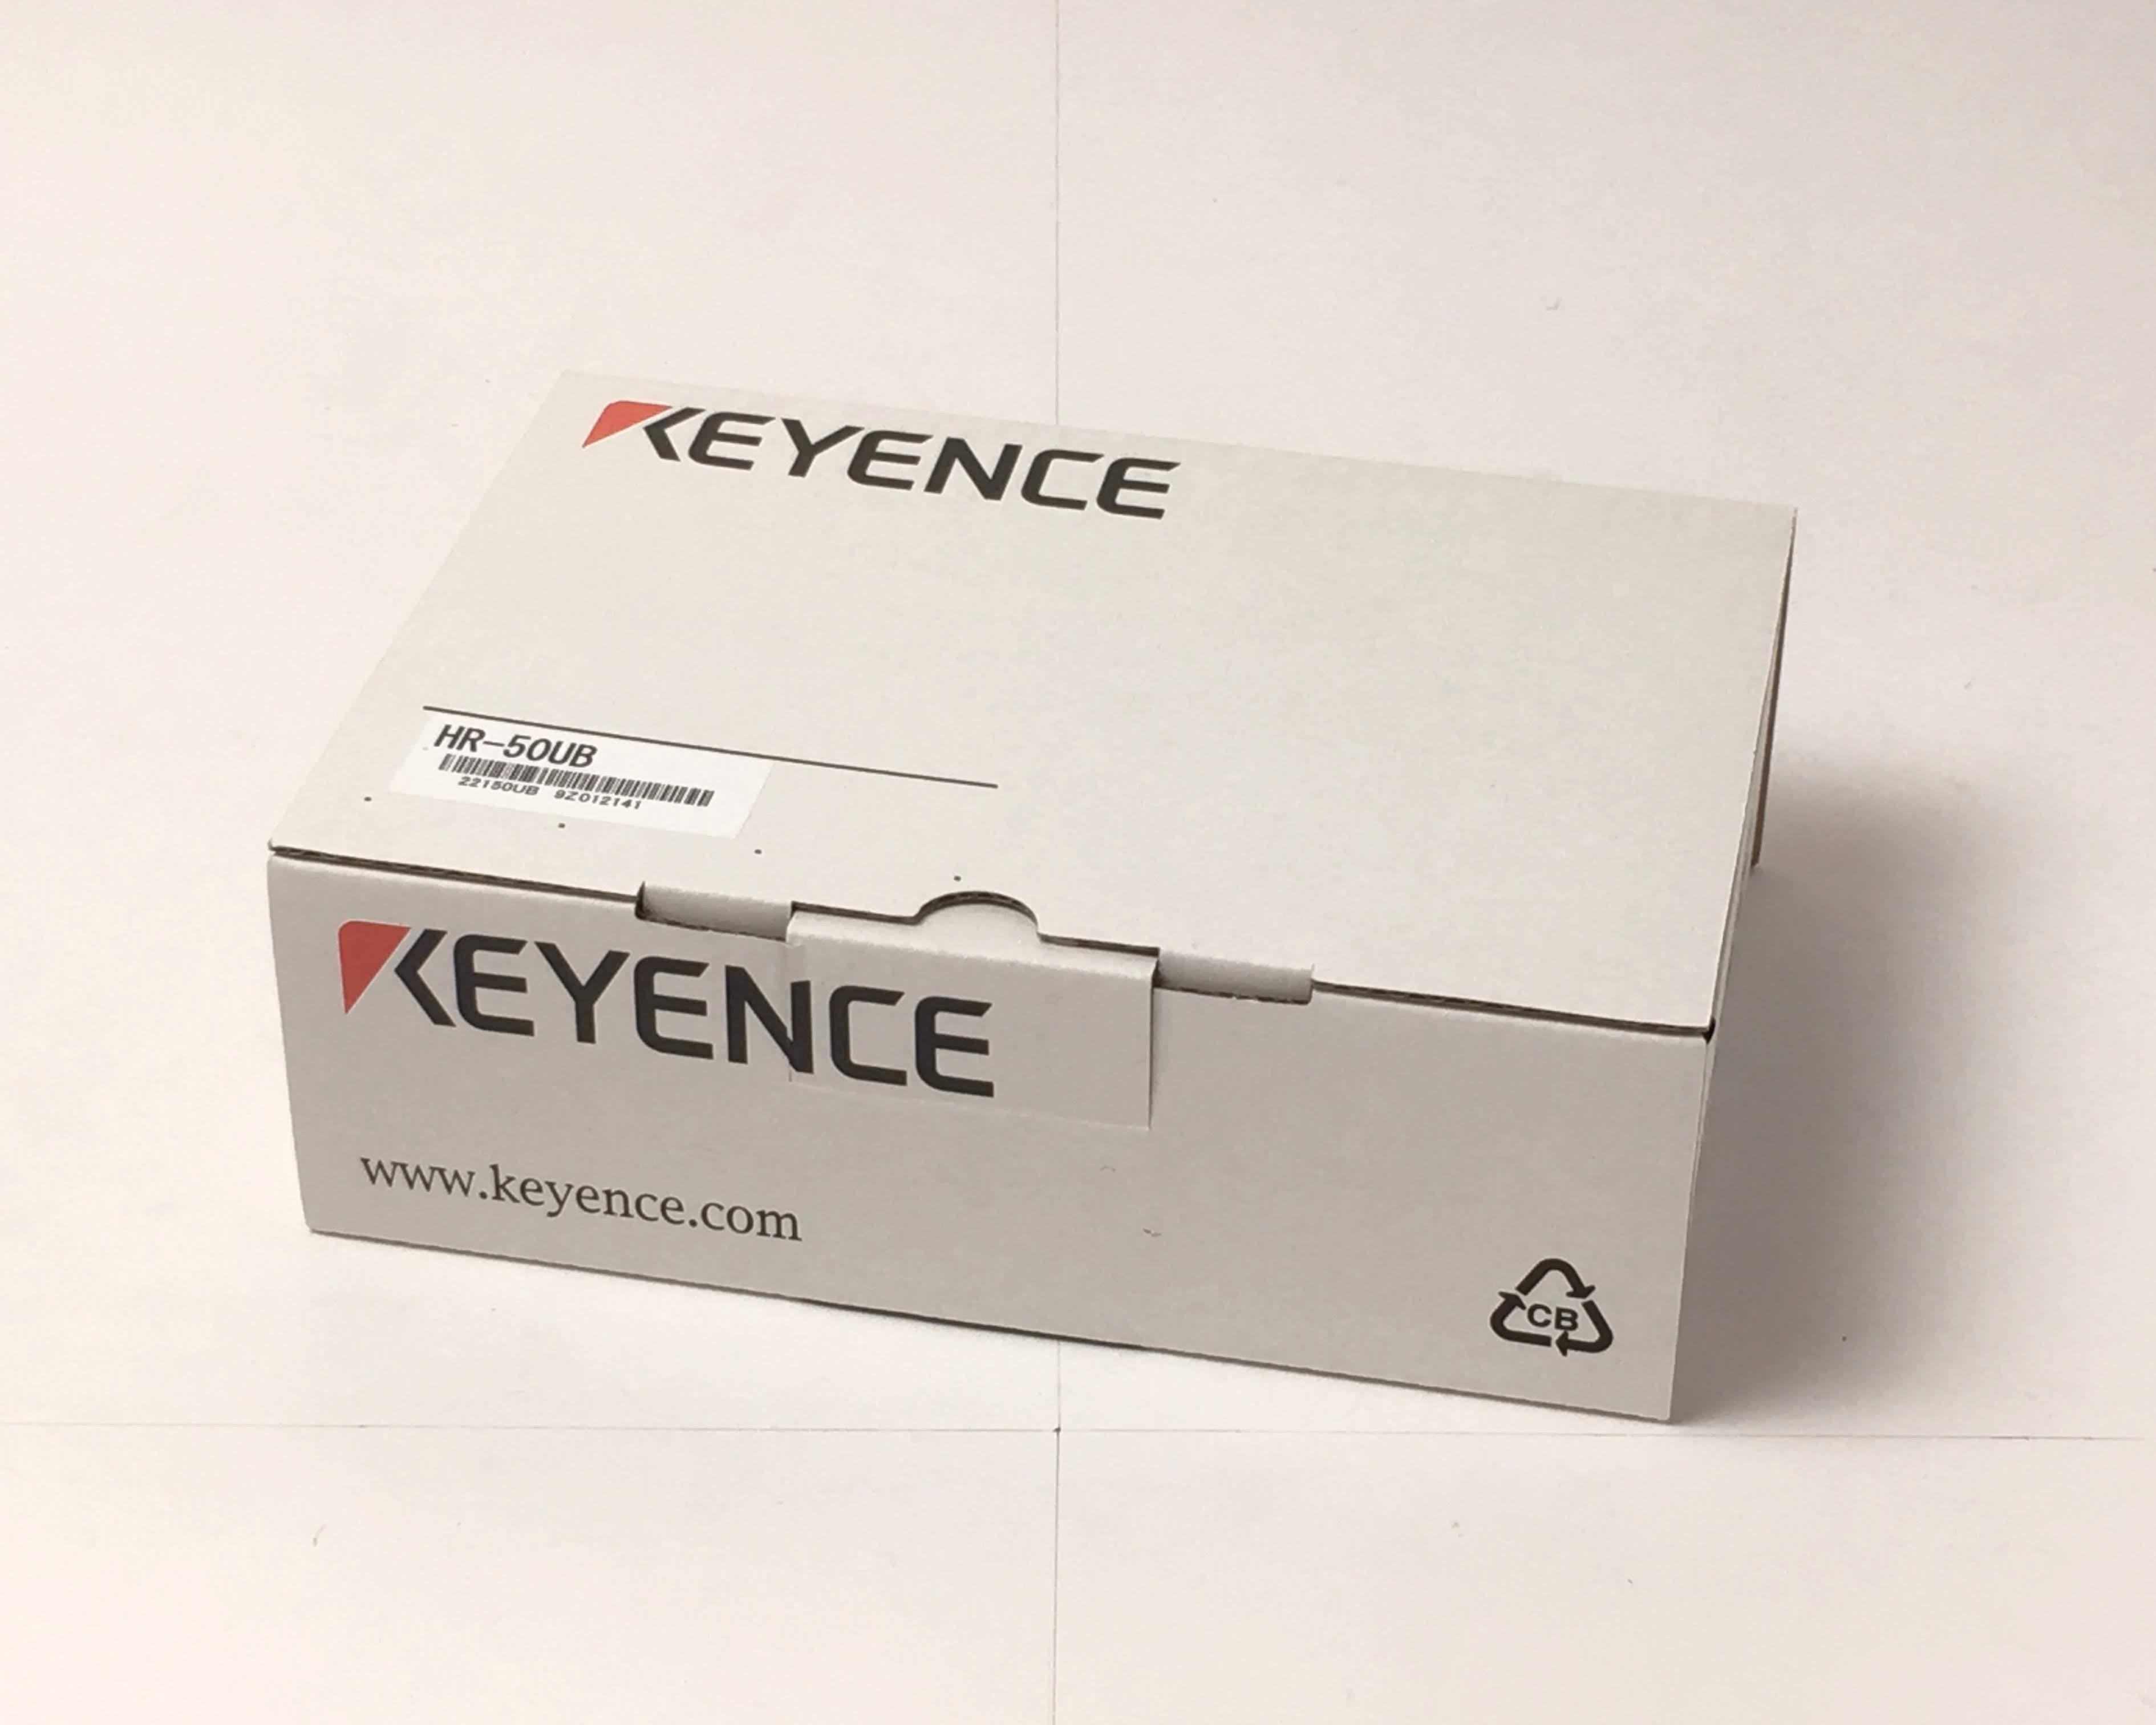 【新品】KEYENCE HR-50UB メイン画像